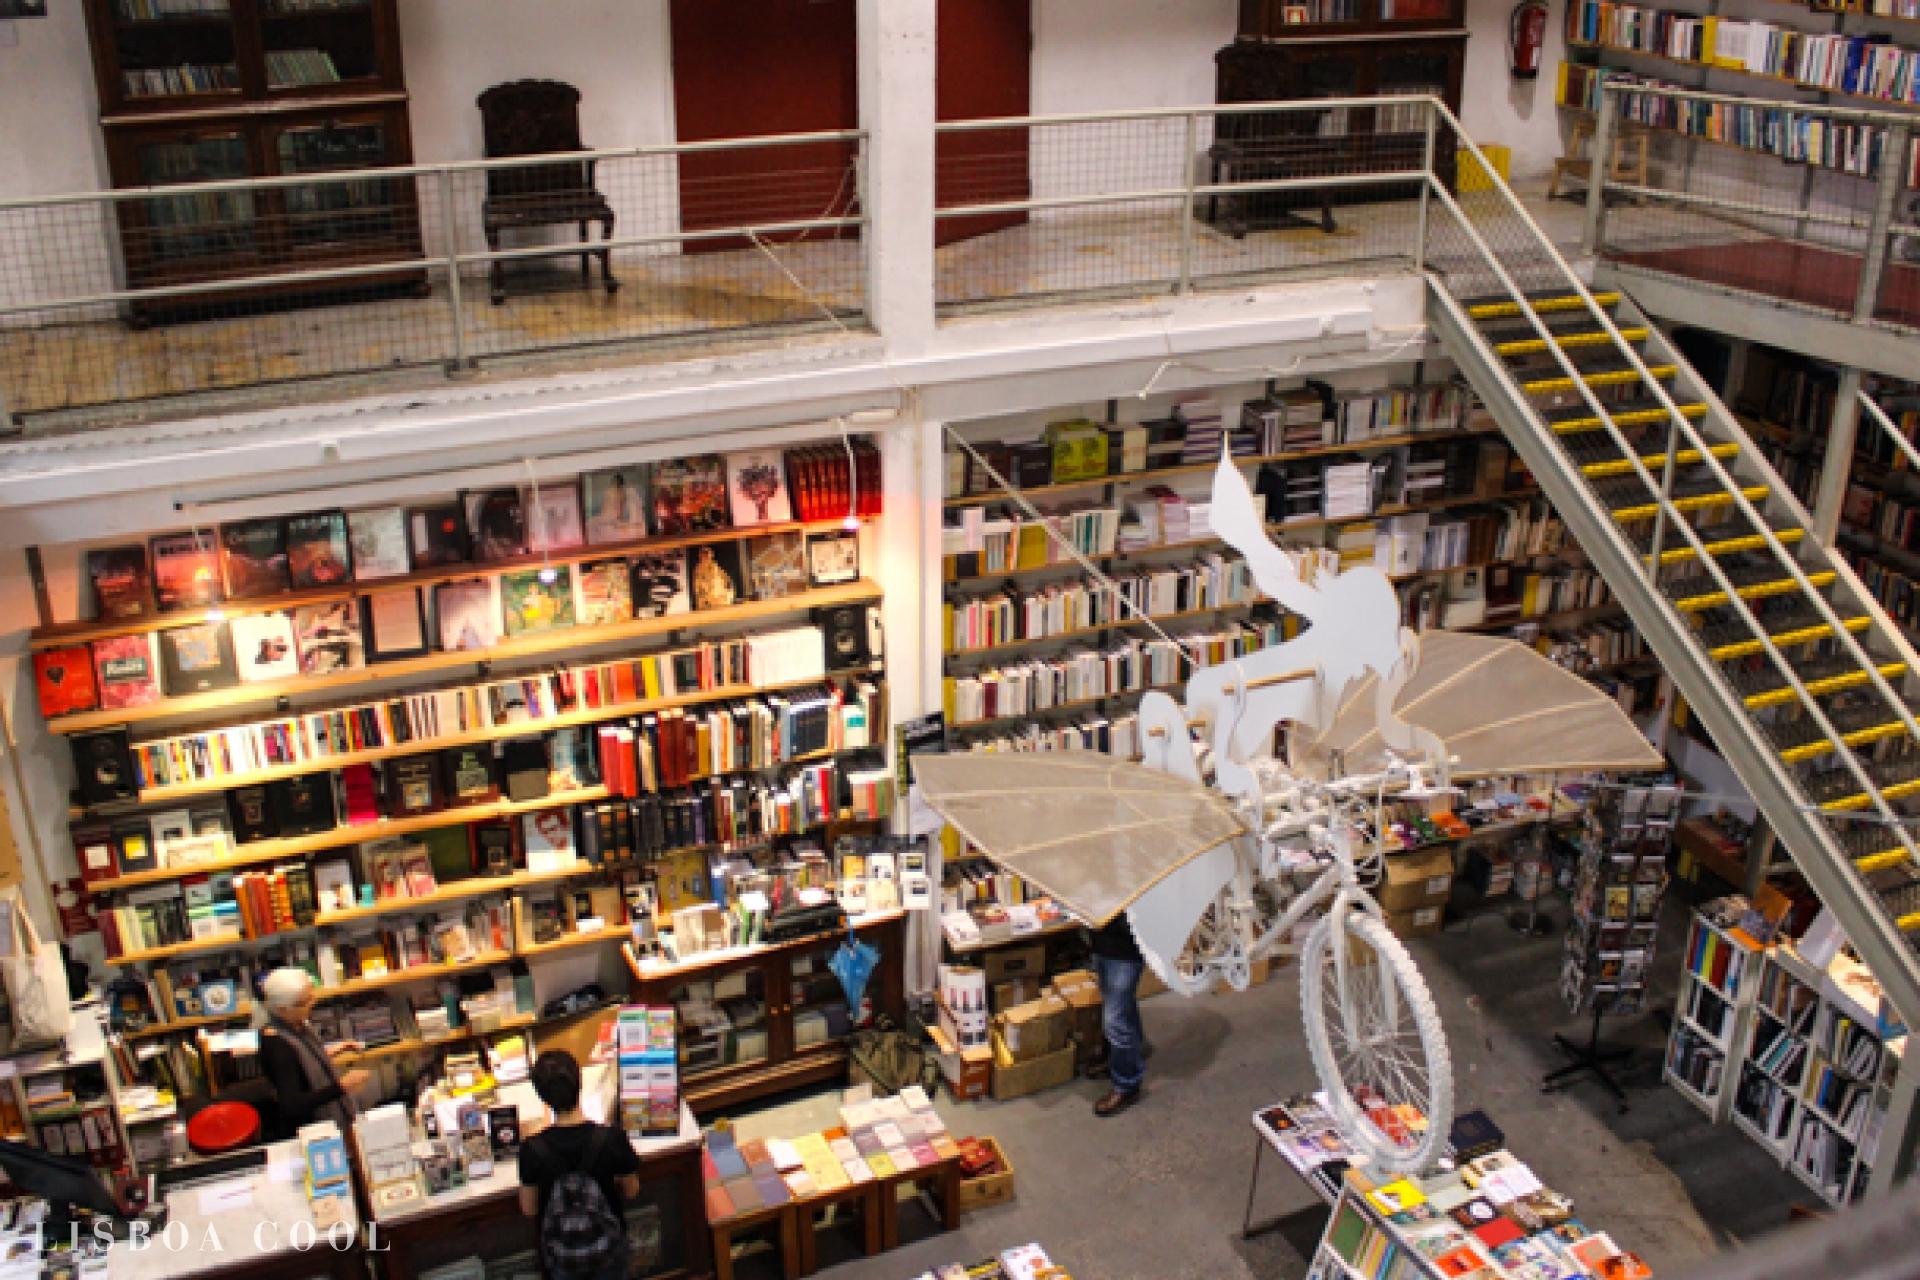 LisboaCool_Acheter_Librairie Ler Devagar